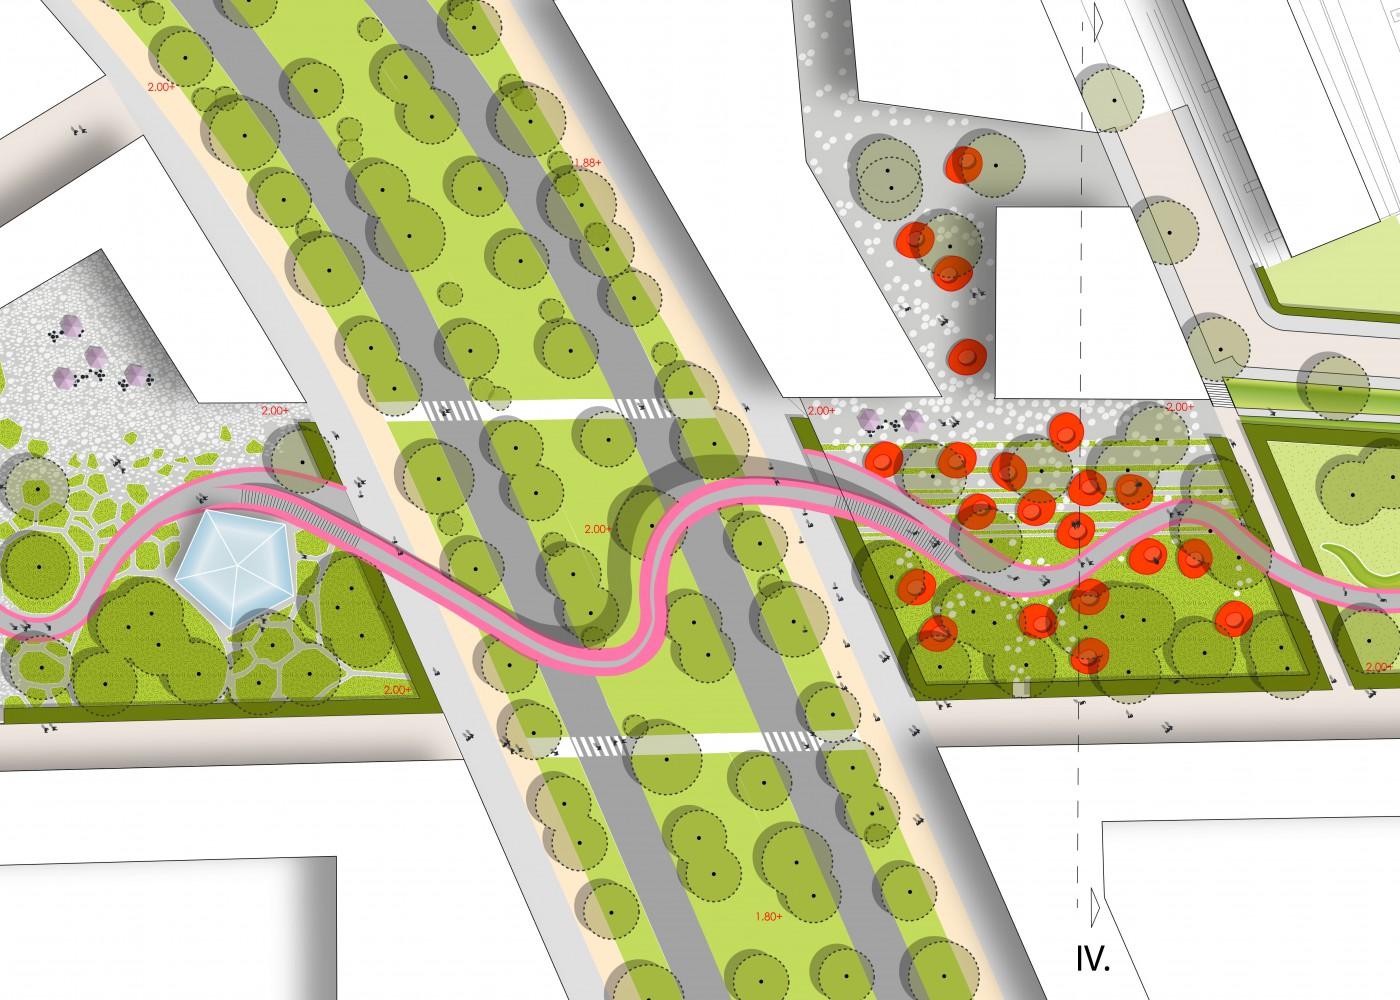 buro-sant-en-co-landschapsarchitectuur-van leeuwenhoekpark-delft-stadspark-dakpark-klimaatadaptief-ecologie-ontwerp-plantekening-1